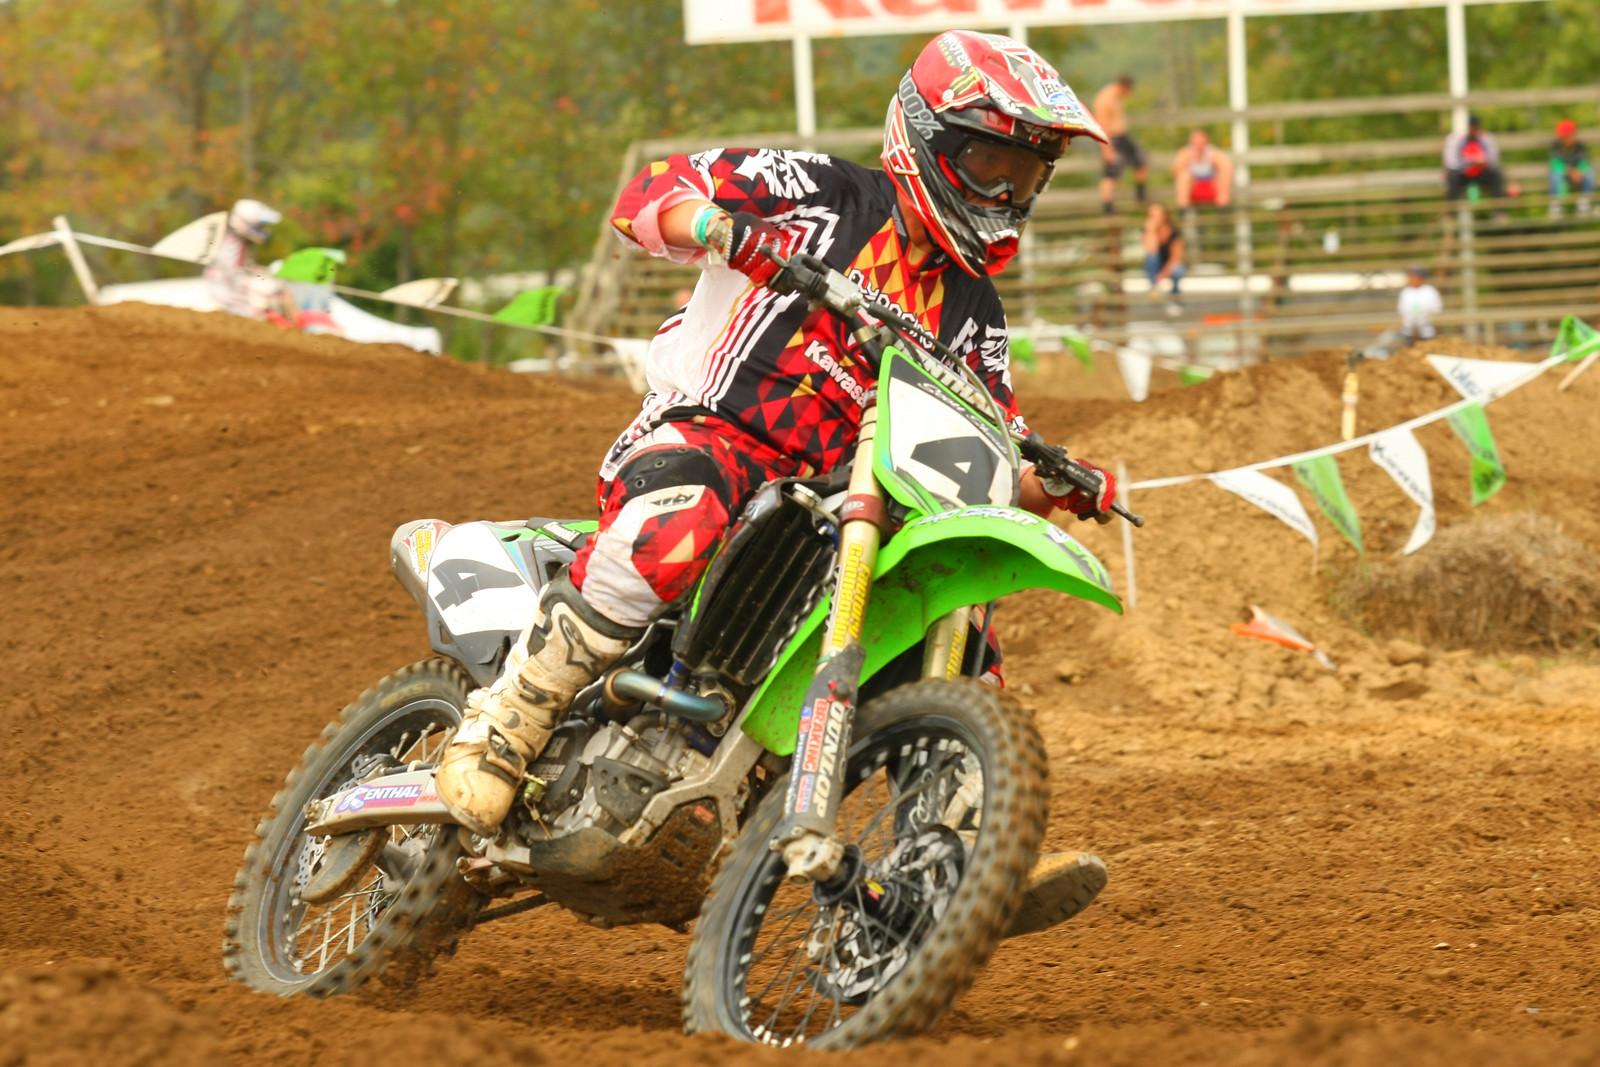 Scott Sheak - lukaitis9 - Motocross Pictures - Vital MX